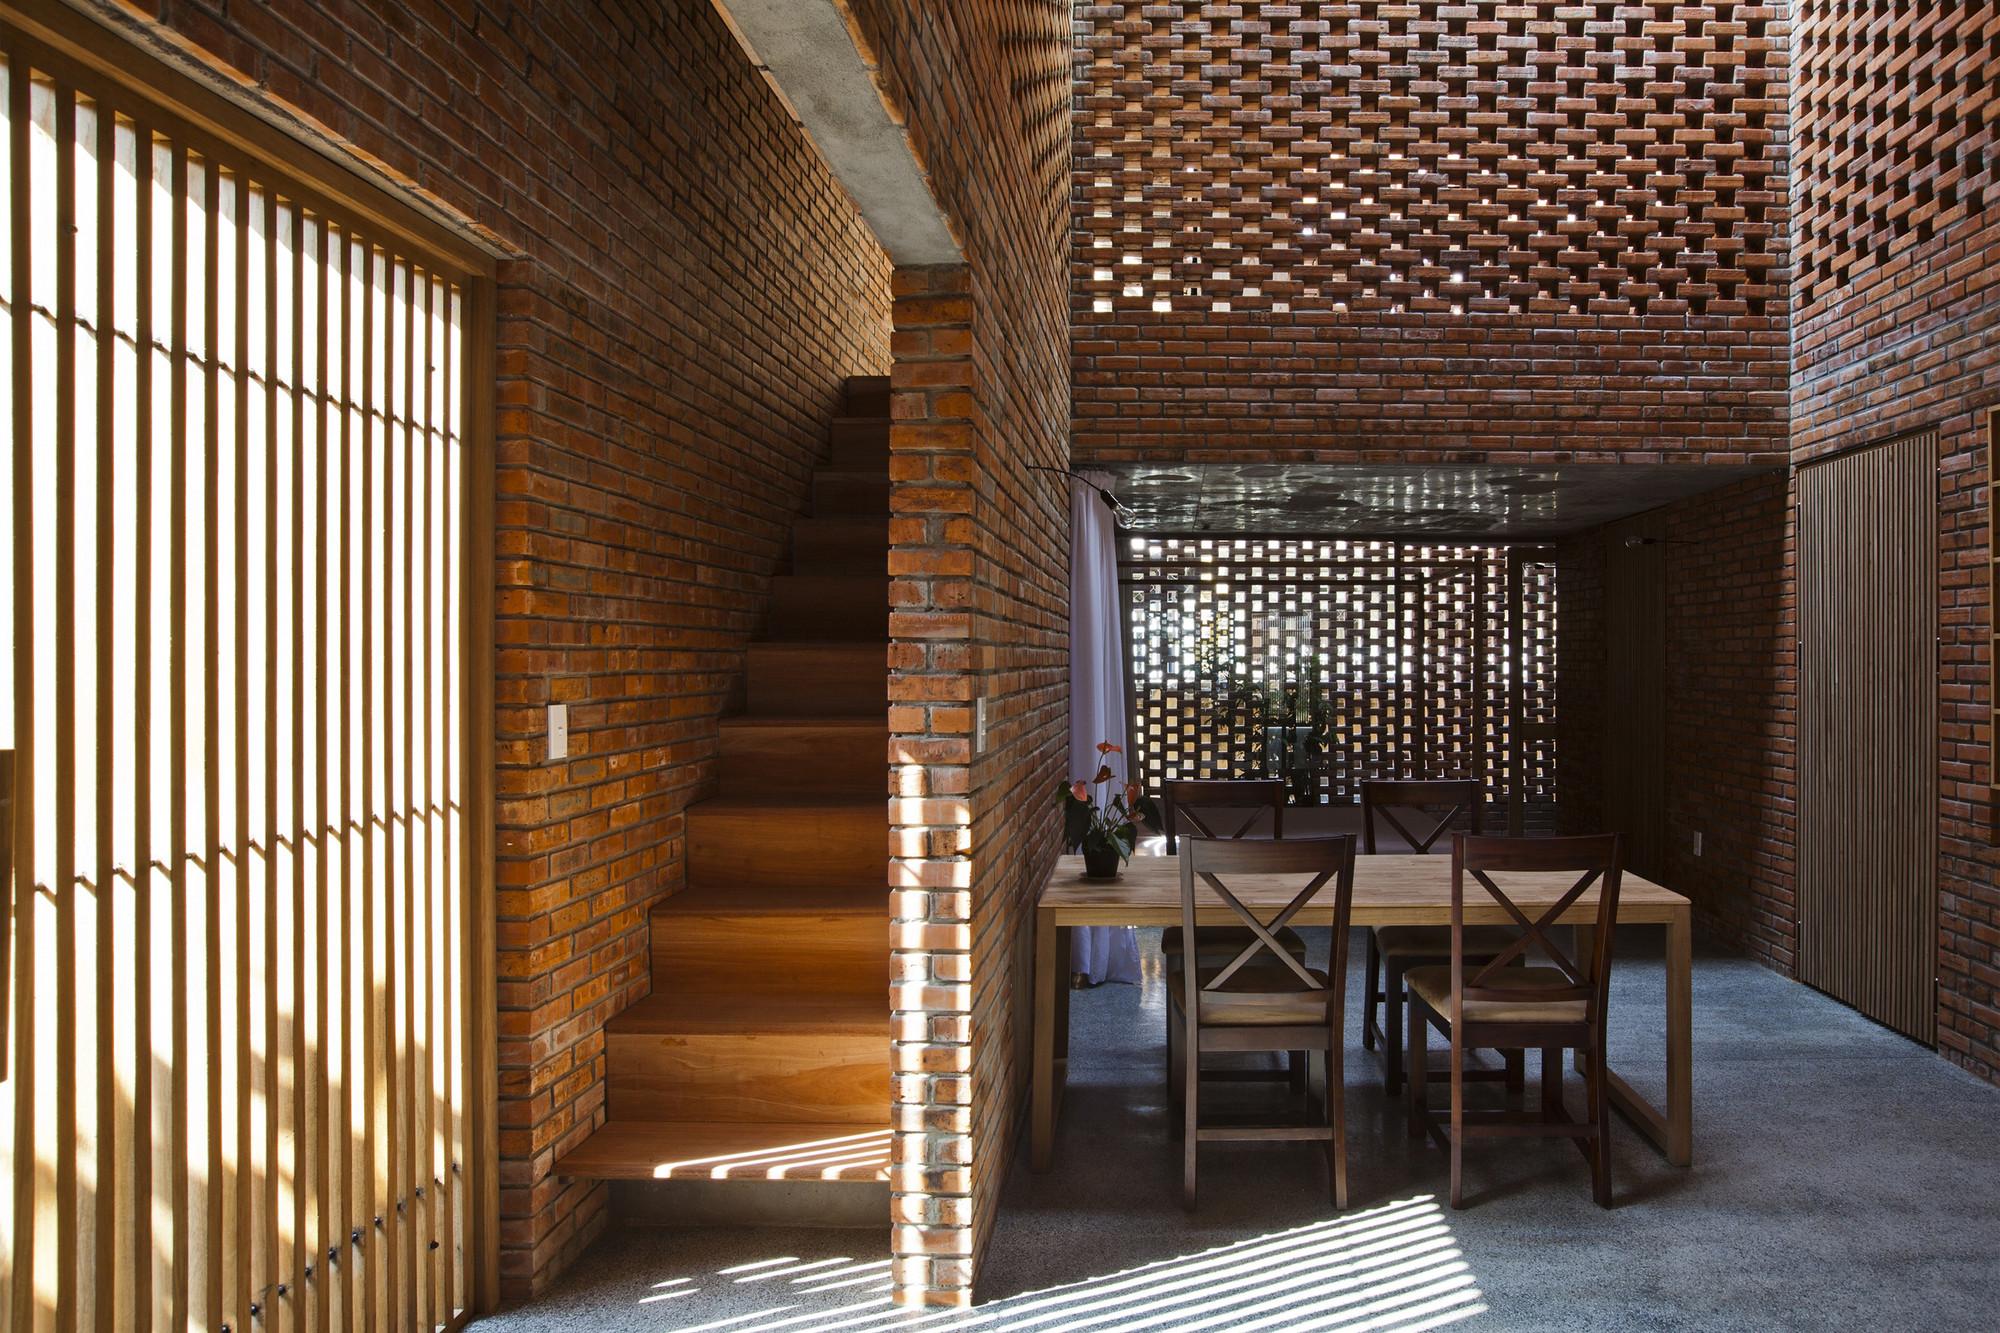 Nhà xây gạch nung không tô vữa có một không hai ở Đà Nẵng - Ảnh 4